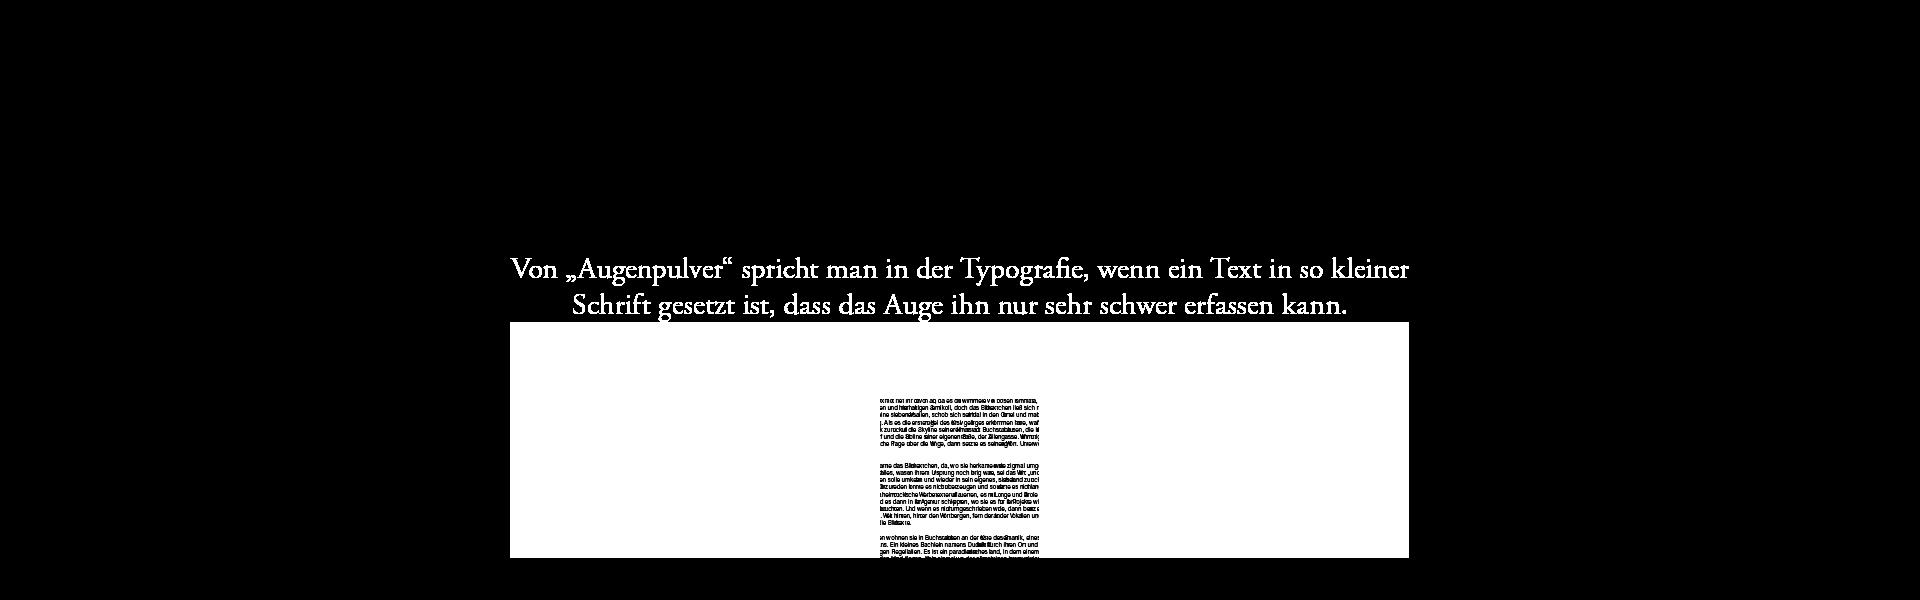 """Von """"Augenpulver"""" spricht man in der Typografie, wenn ein Text in so kleiner Schrift gesetzt ist, dass das Auge ihn nur sehr schwer erfassen kann."""